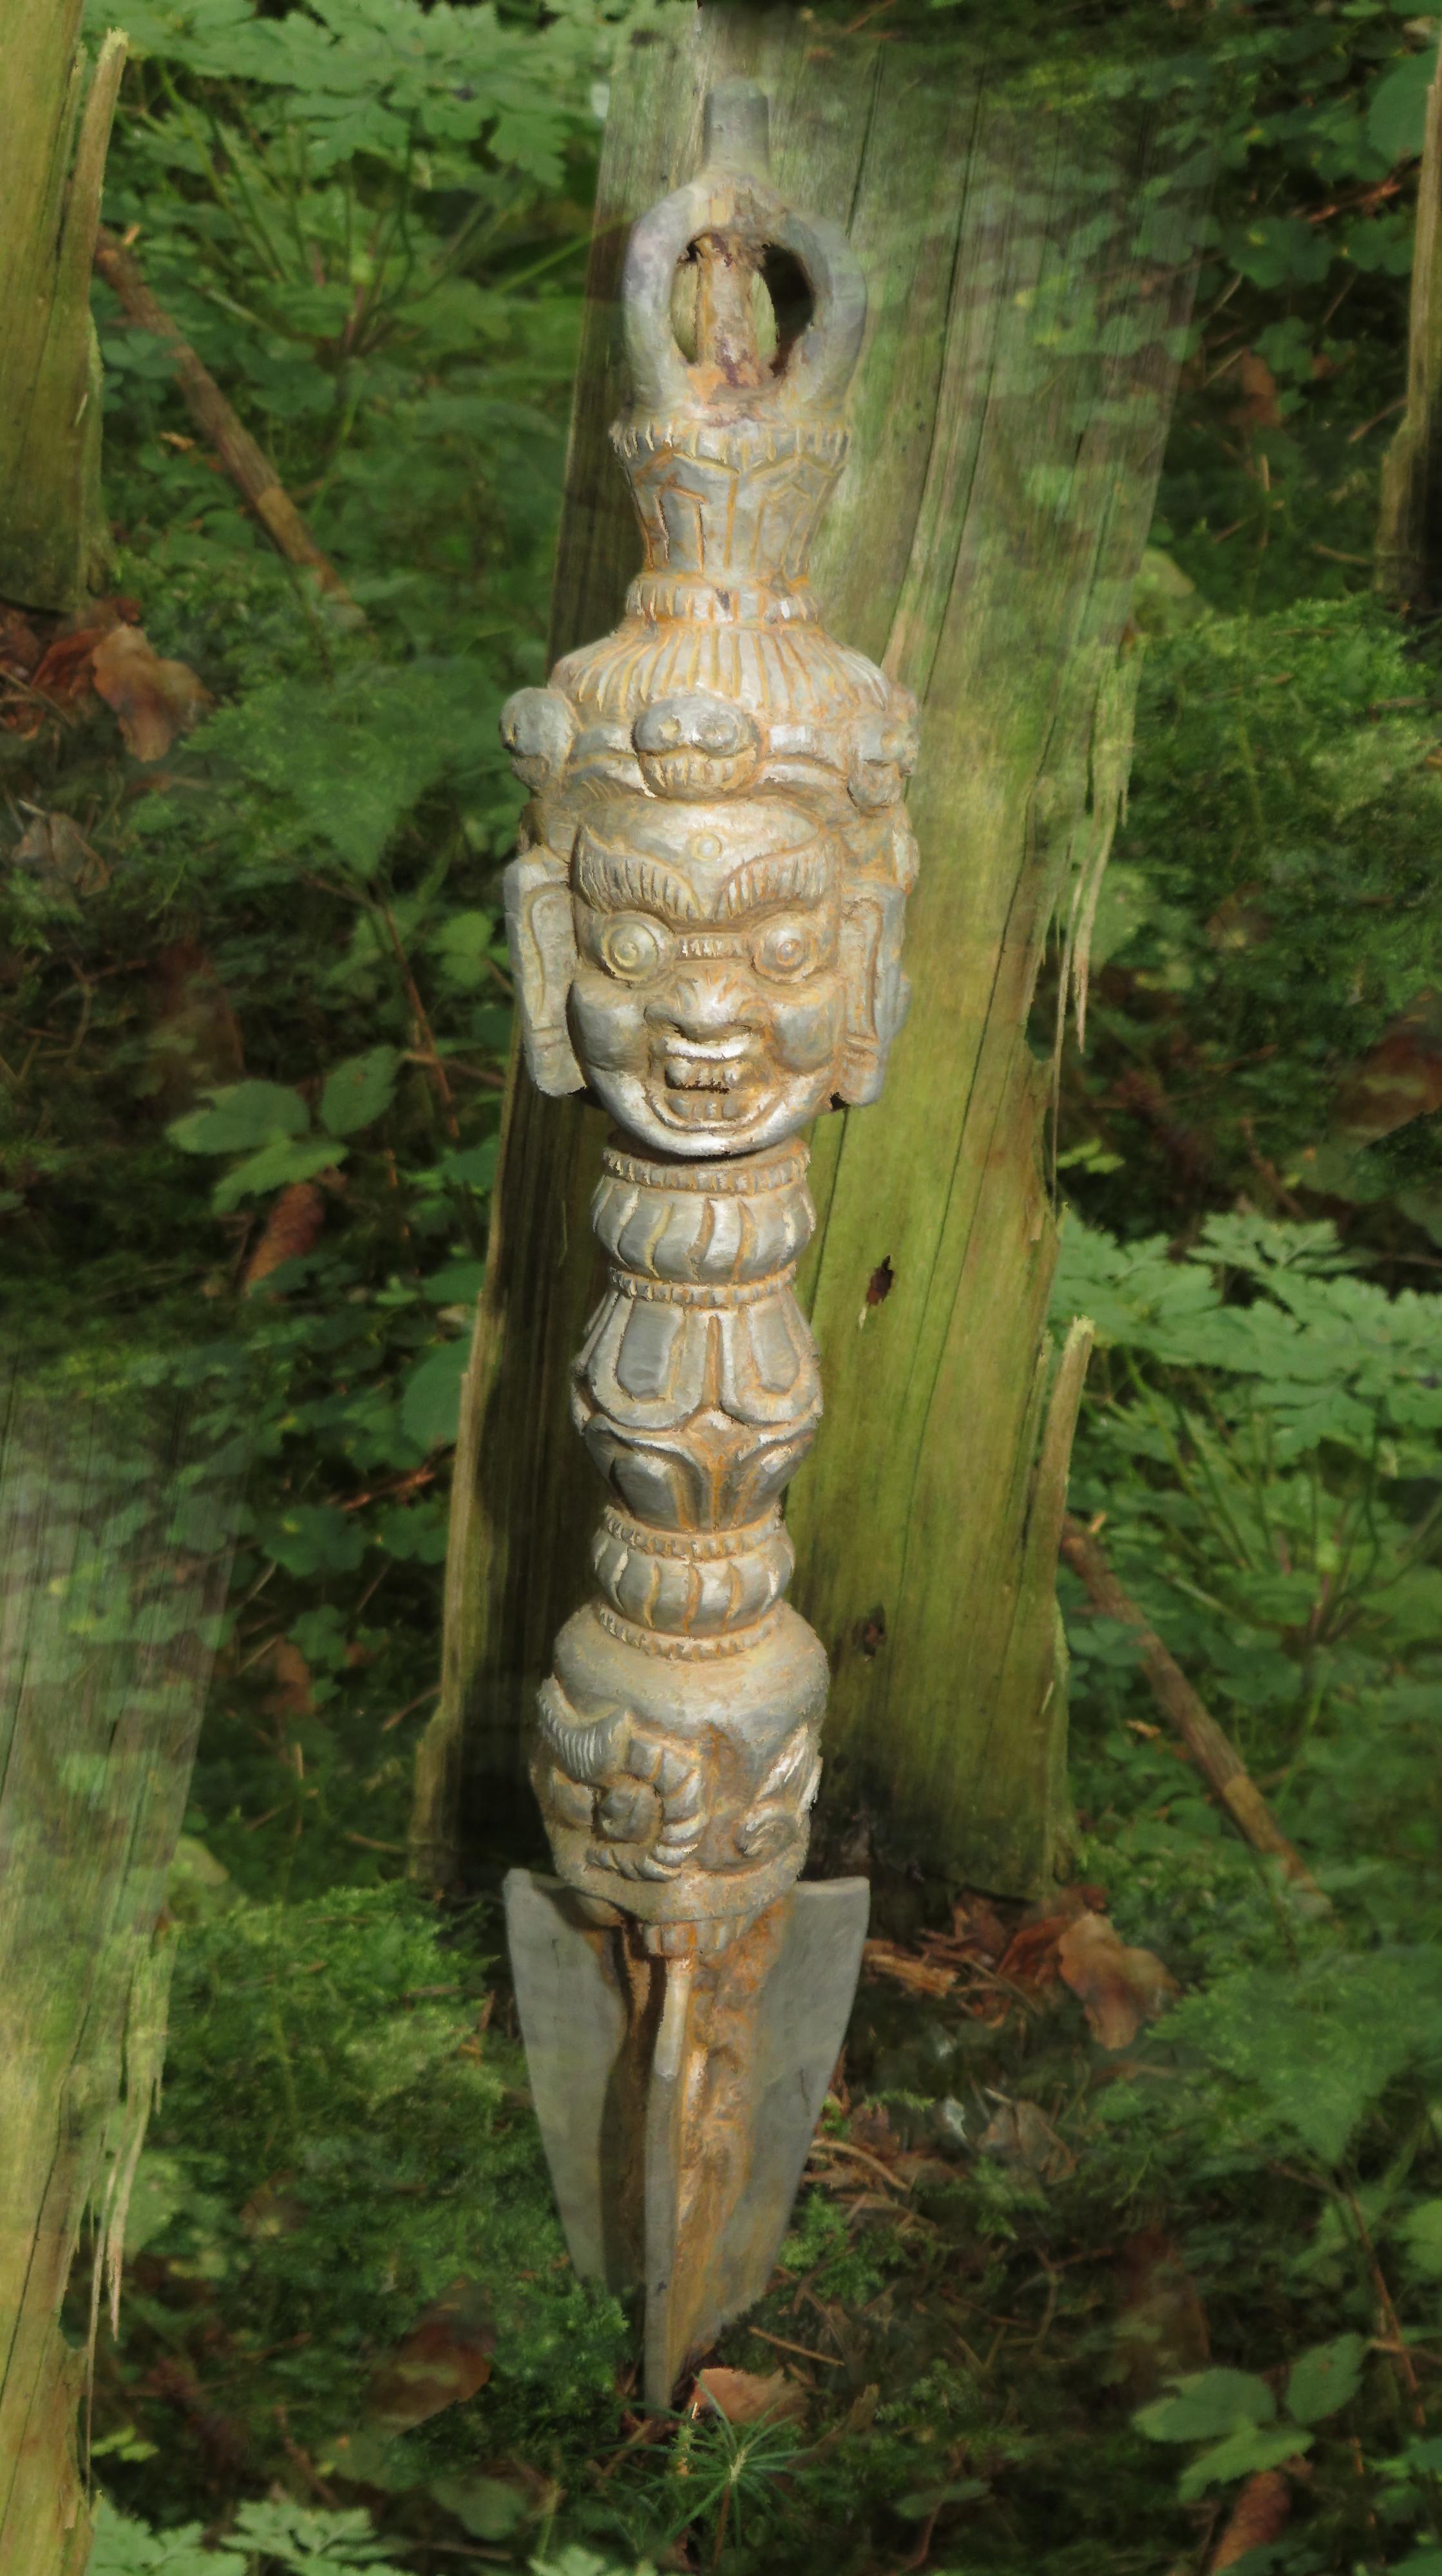 Phurba. Dämonen-Banner. Dämonen-Dolch. Stimme der Seele. Schamanische & Spirituelle Energiearbeit. Claus Heckl.